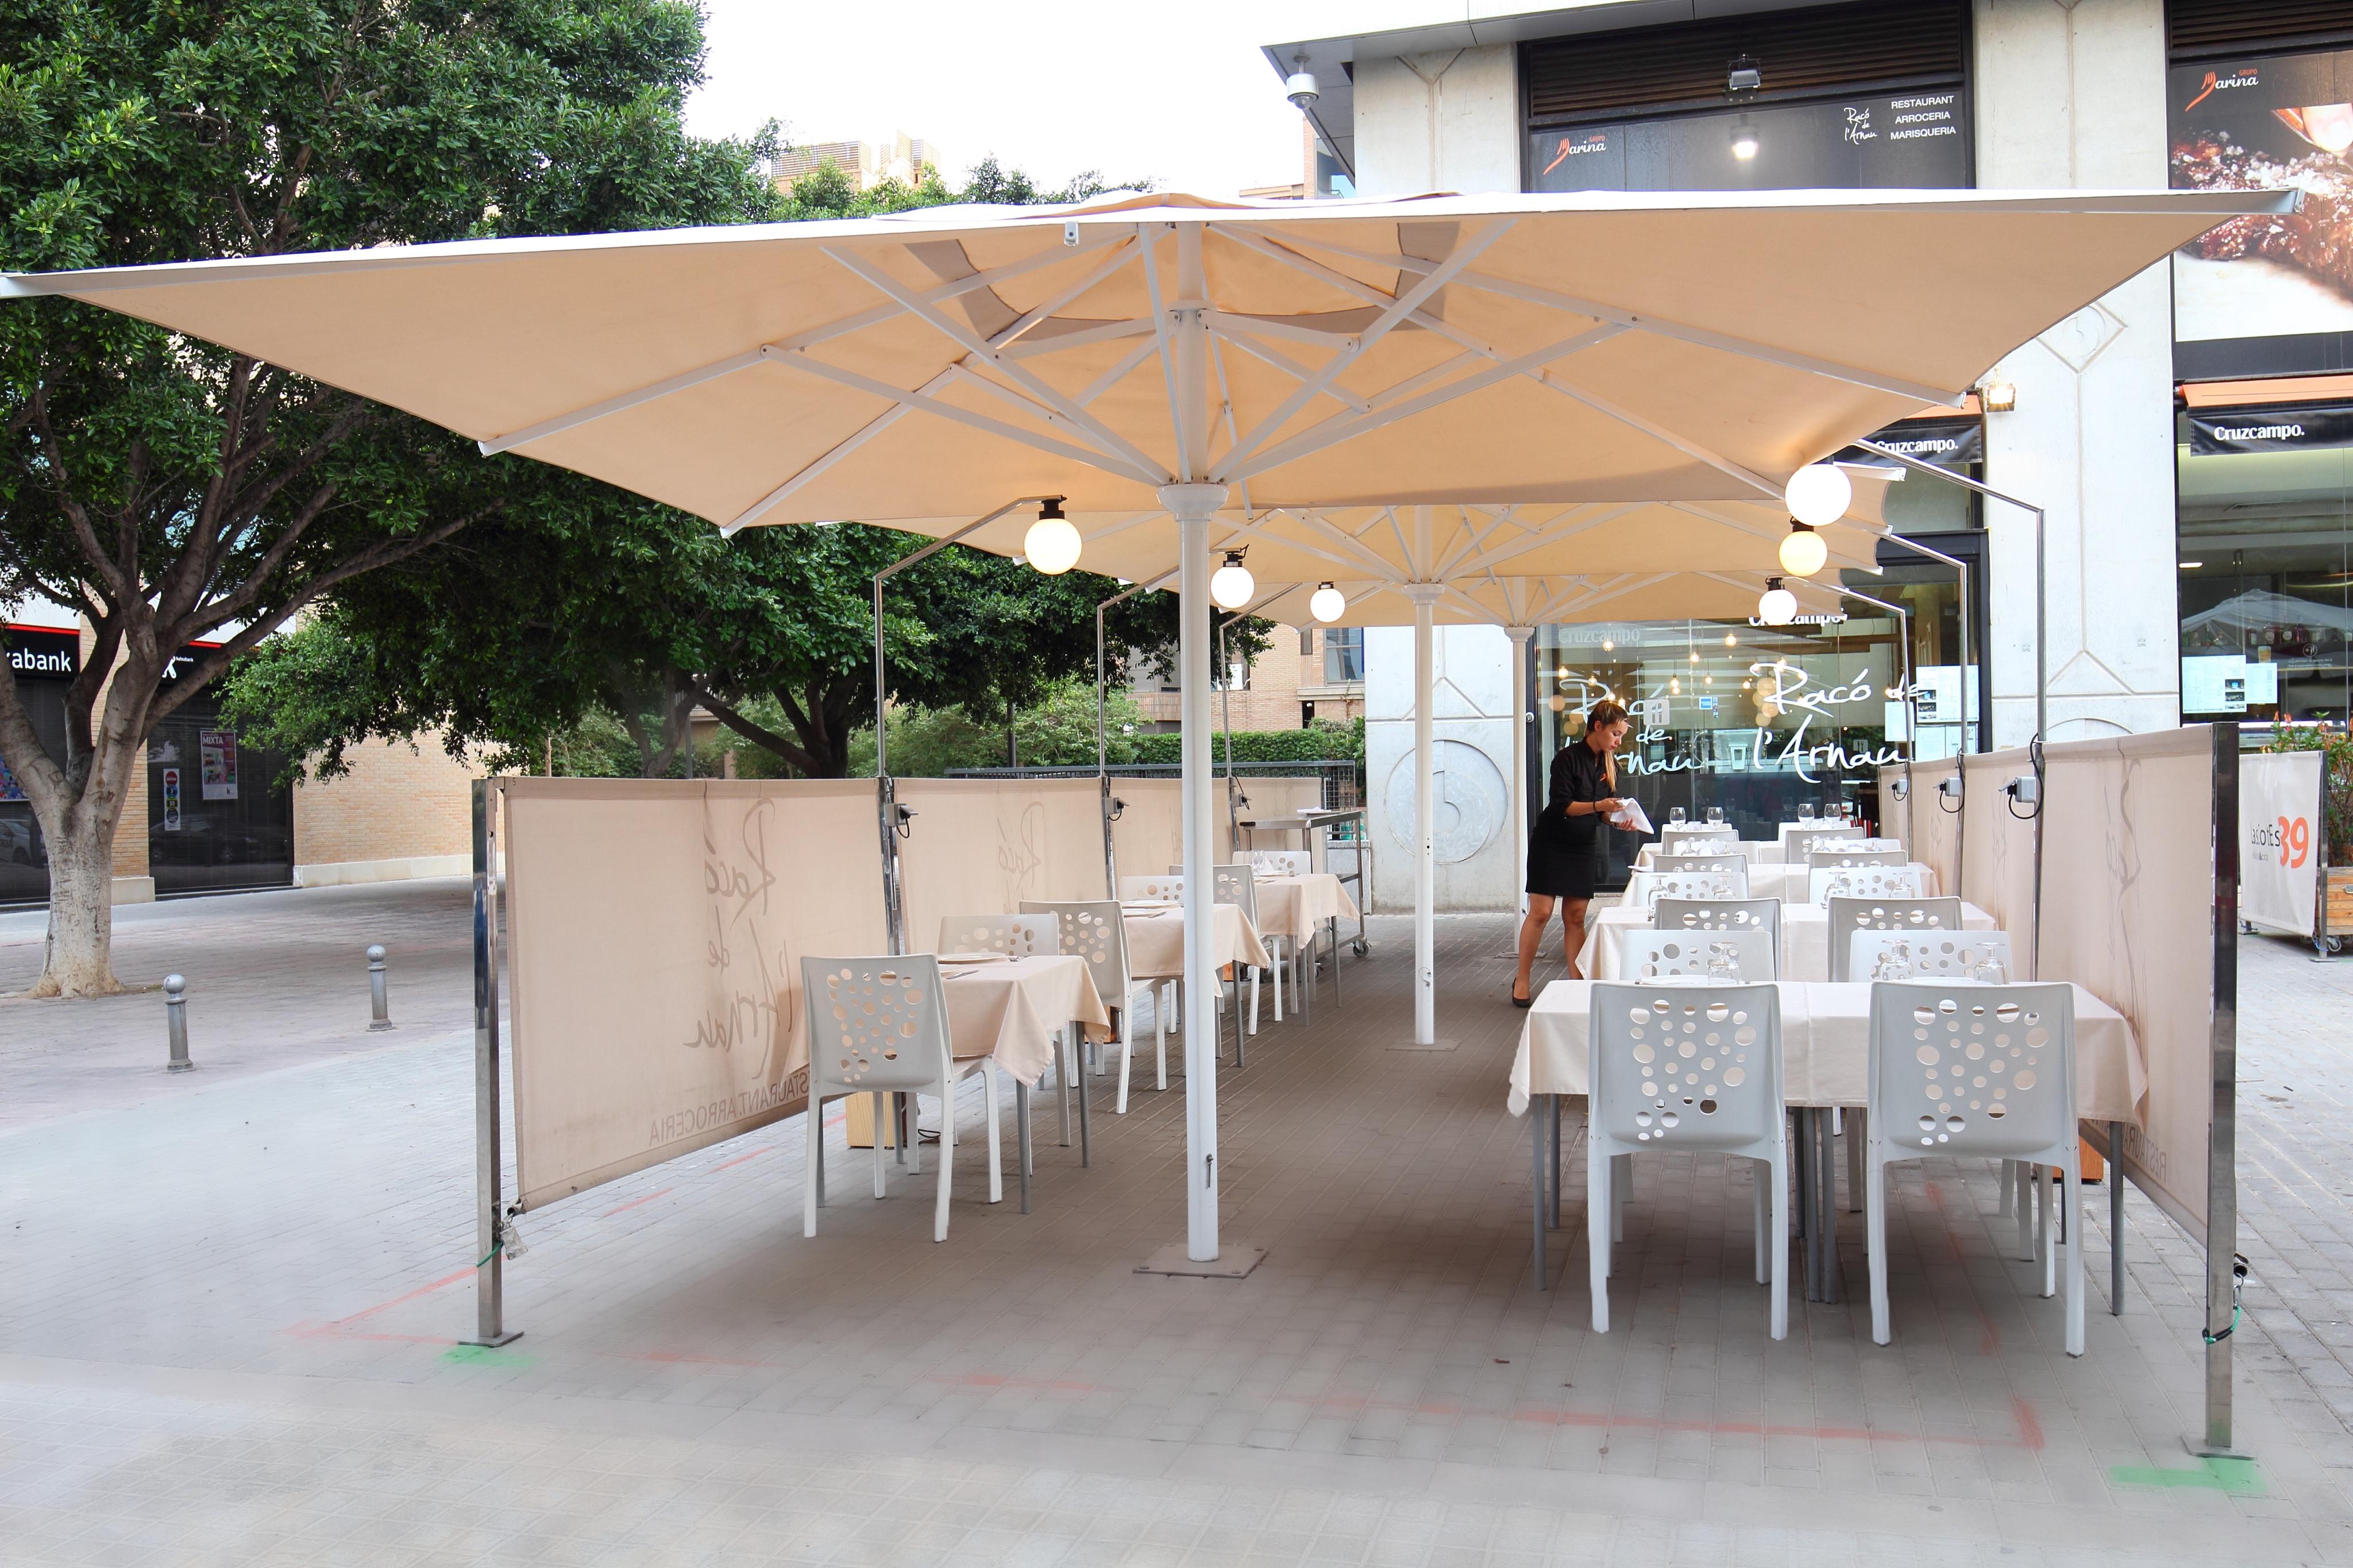 Una de las terrazas en Valencia